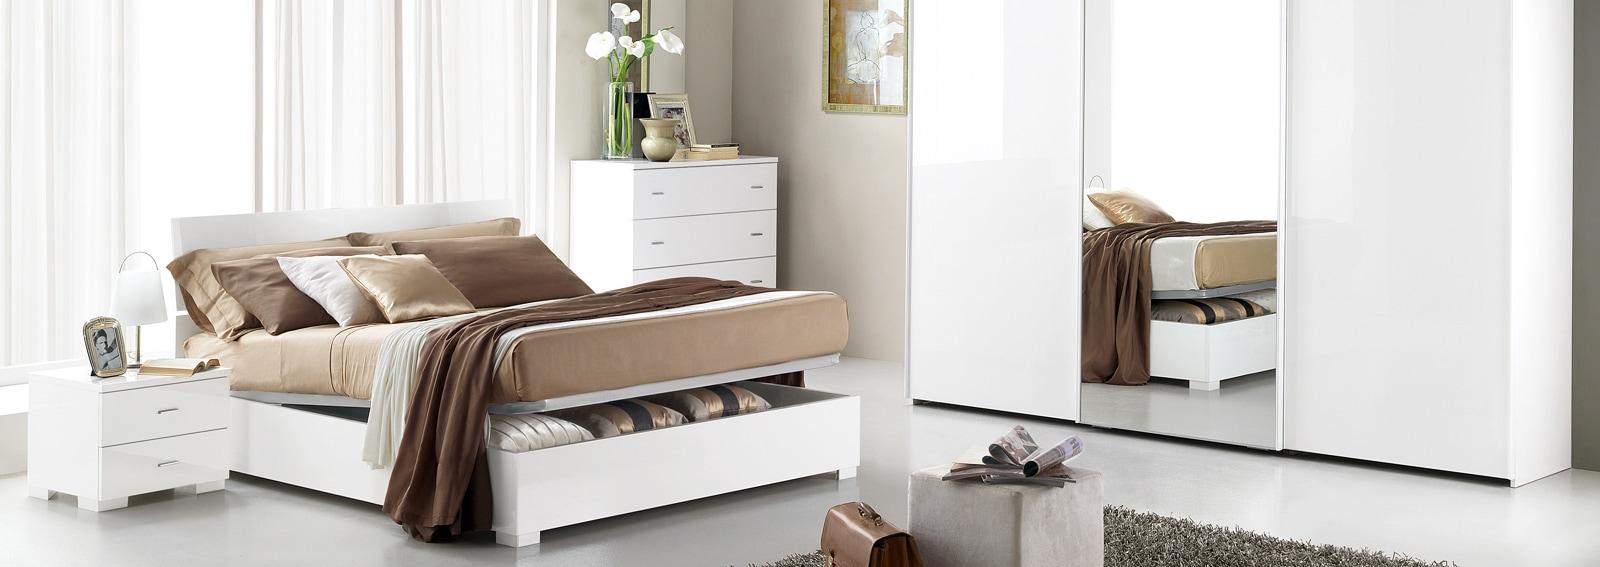 Mondo convenienza le camere da letto pi belle grazia for Mondo arredo catalogo